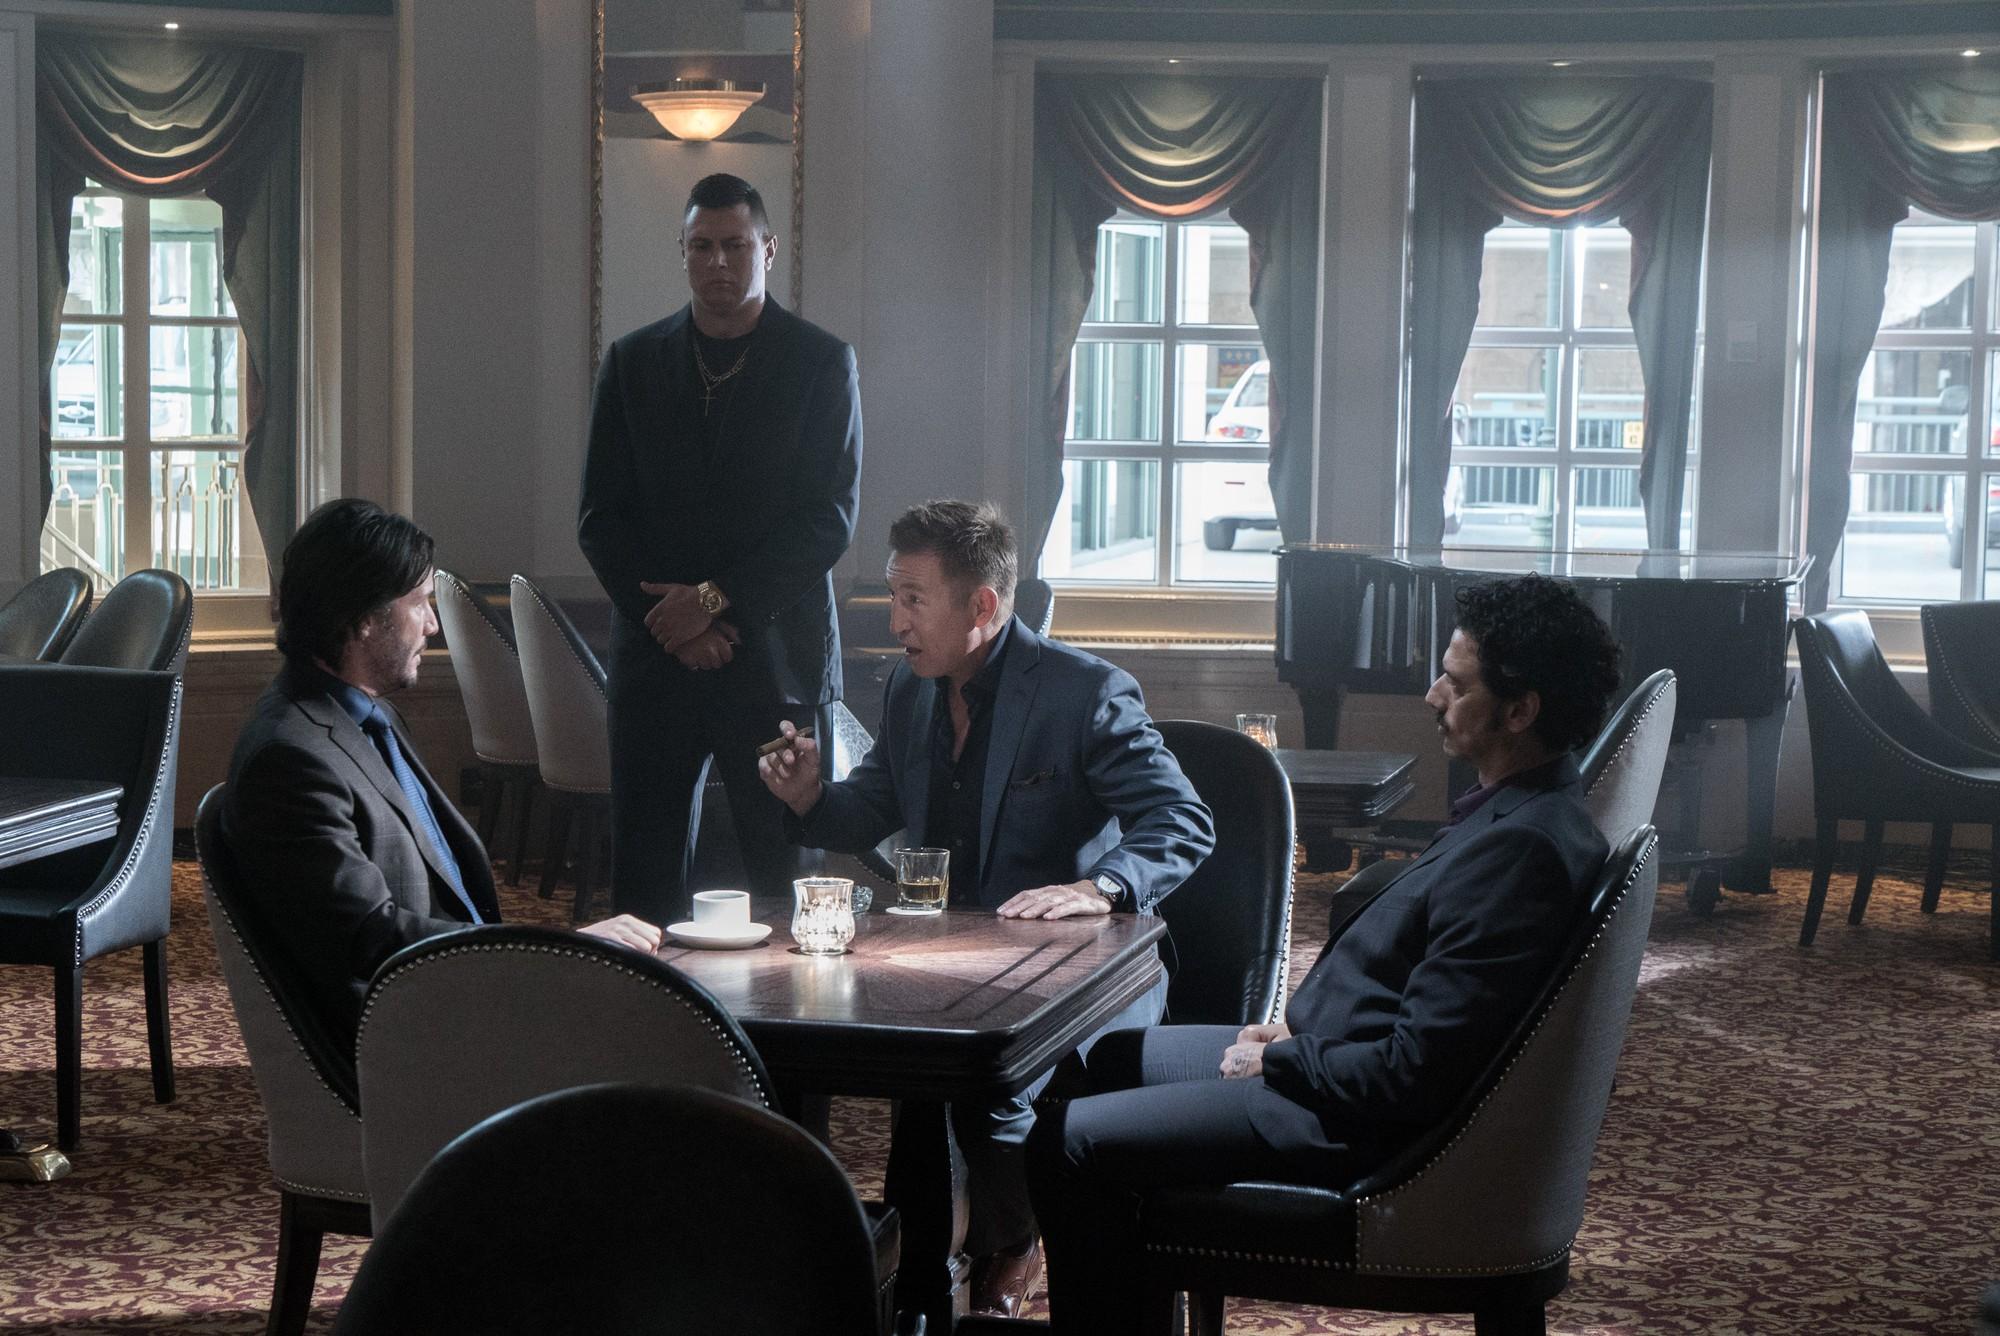 Buôn kim cương giả, Ông Kẹ Keanu Reeves lại còn dám bướng với mafia Nga - Ảnh 11.